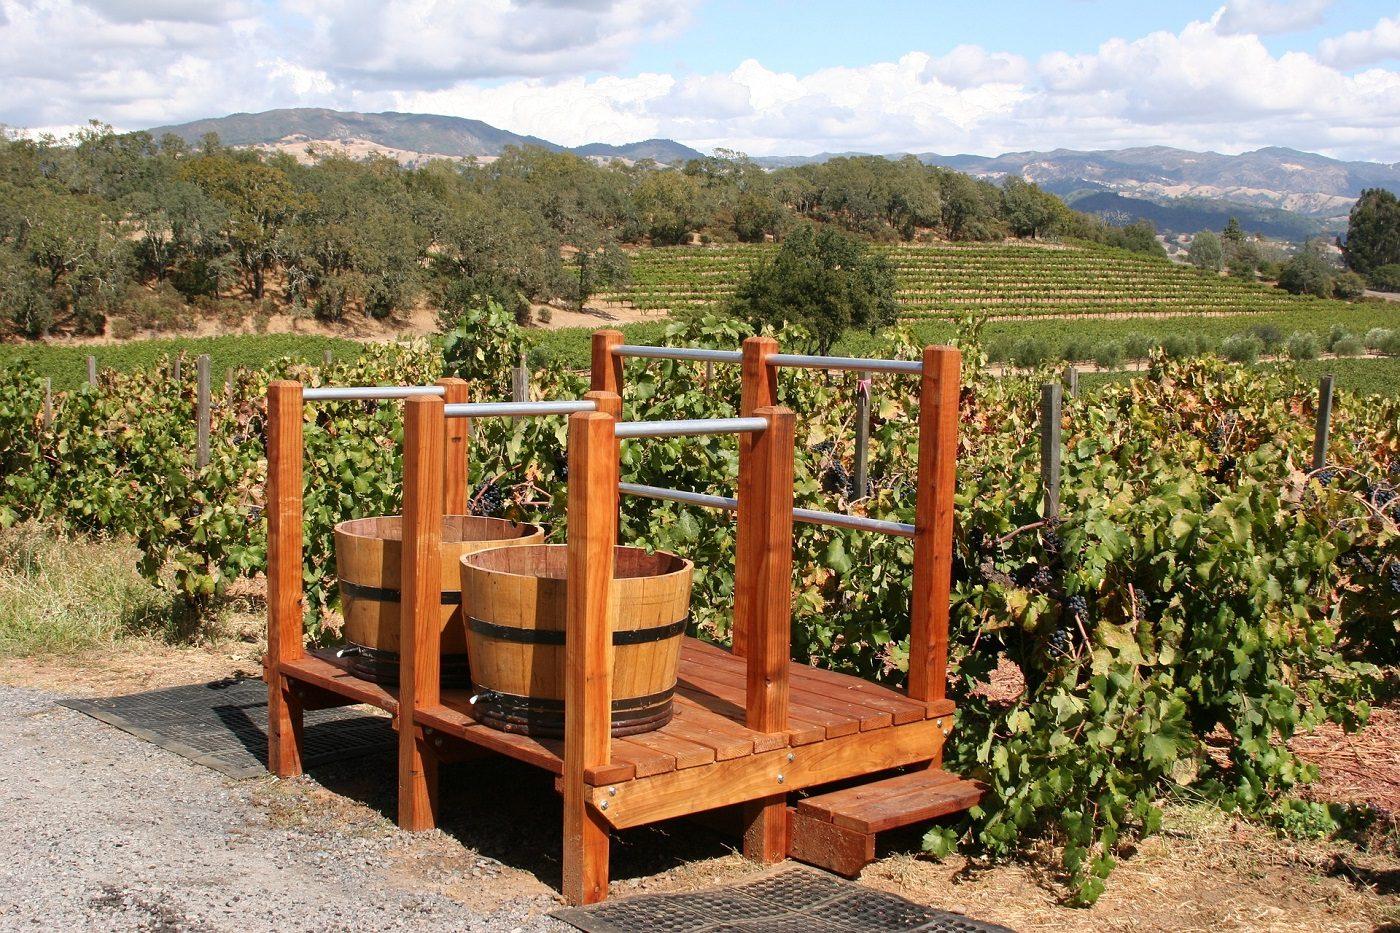 drewniane stągwie na winogrona na tle winnicy w terenie pagórkowatym